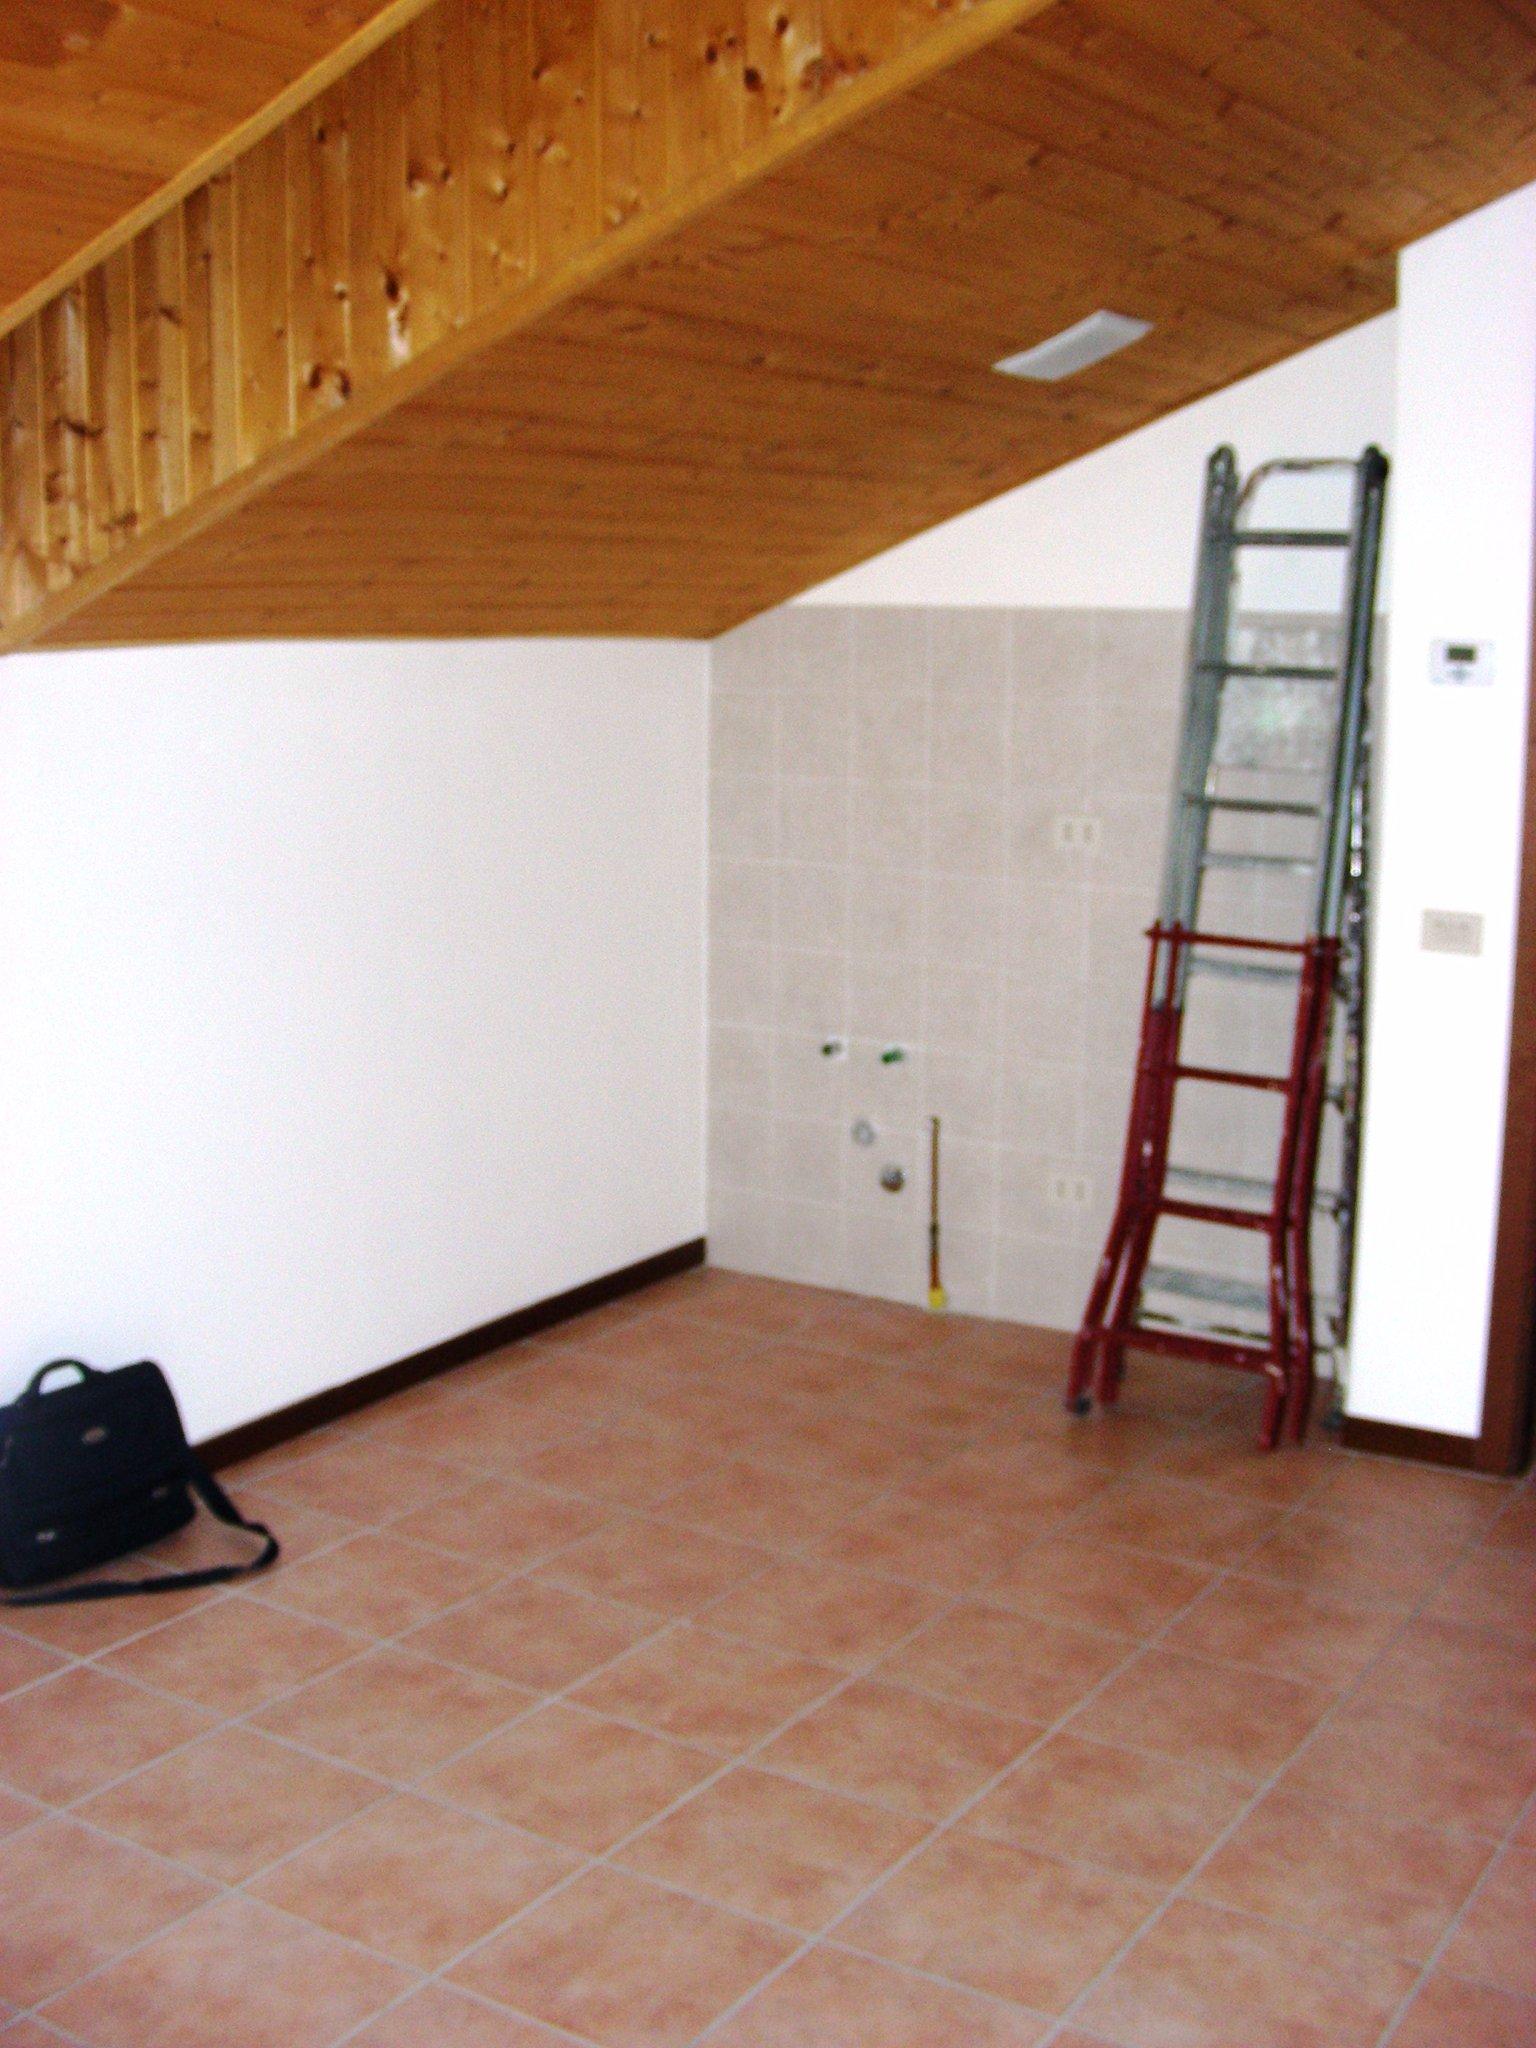 Insonorizzazione soffitto legno a vista di mansarda 43m2 - Insonorizzare casa ...